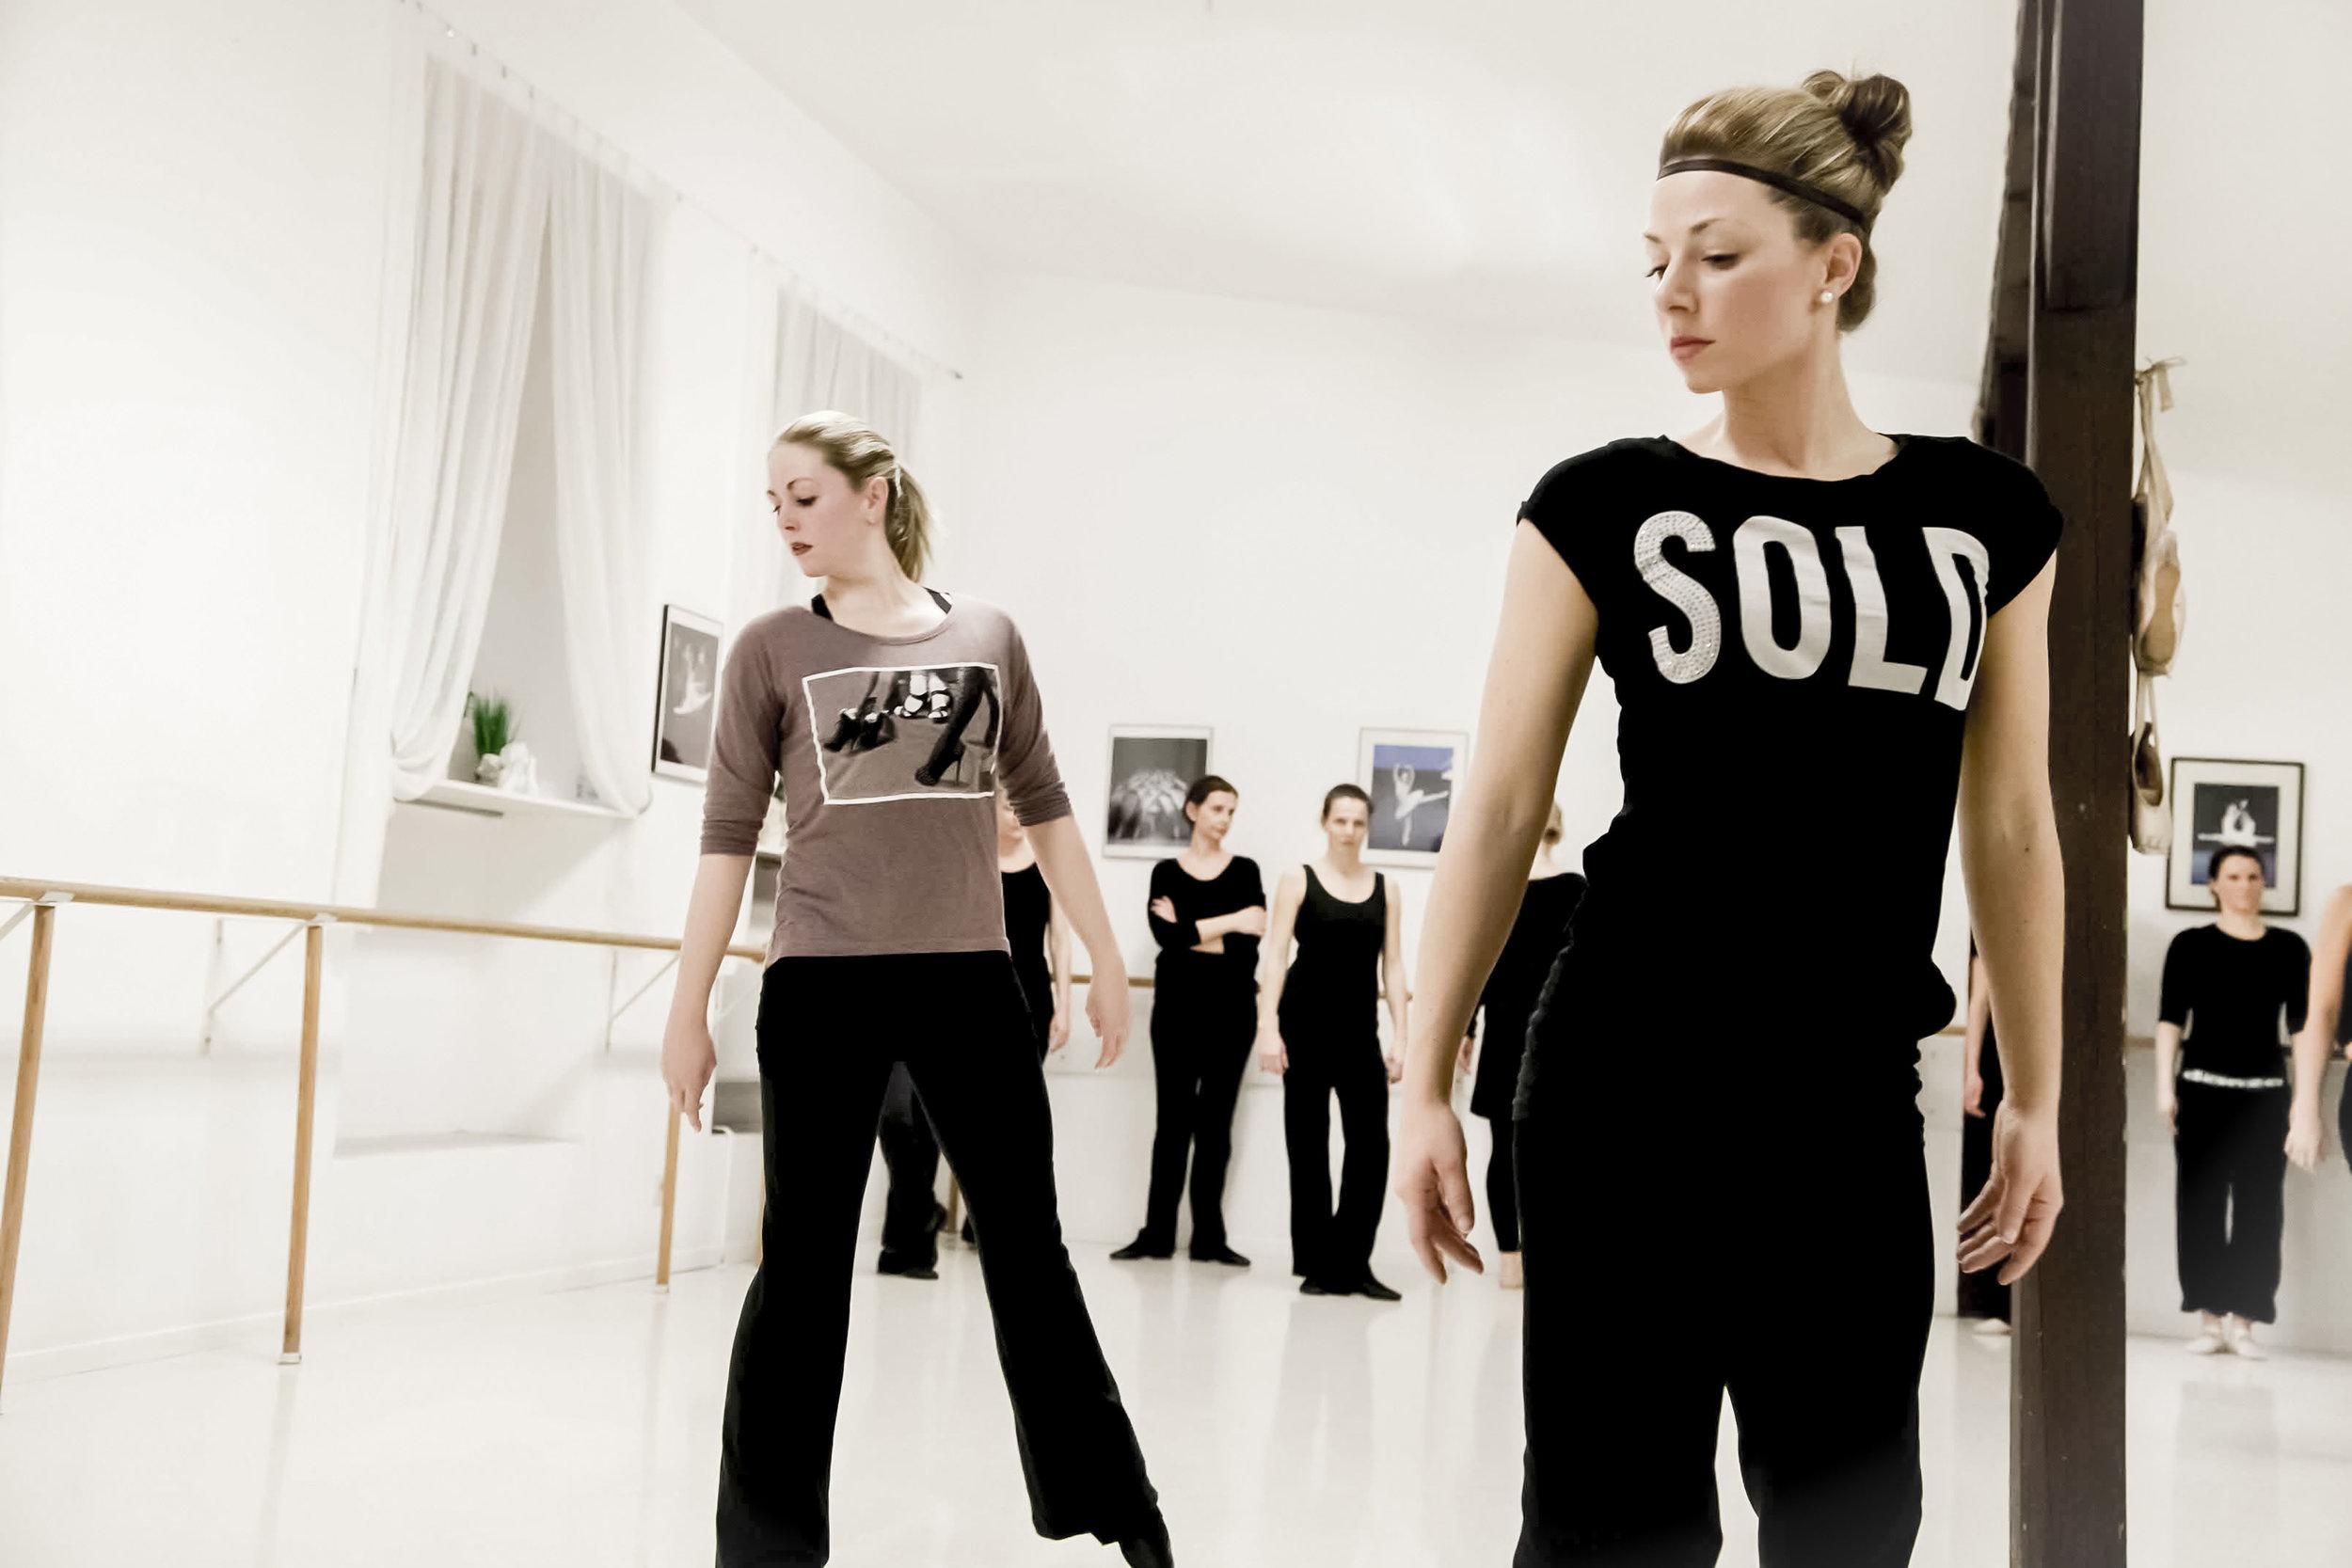 """JAZZ DANCE   Die Jazzklassen stellen allein schon durch die aktuelle Musik, die verwendet wird, aber auch durch das Aufbrechen der """"starren"""" (oder: strengen) Form des klassischen Balletts eine angenehme und aufregende Bereicherung unseres Angebotsspektrums dar.  Wir unterrichten die klassische Form des Jazztanzes, aus der sich die verschiedensten Stilrichtungen wie Streetdance, Hip-Hop u.v.m. ableiten. Durch die Einbeziehung einzelner Elemente aus den unterschiedlichsten Richtungen entwickelt sich im Unterricht eine interessante Kombination aus """"alten"""" und """"neuen"""" Elementen.    Zur Bildergalerie"""